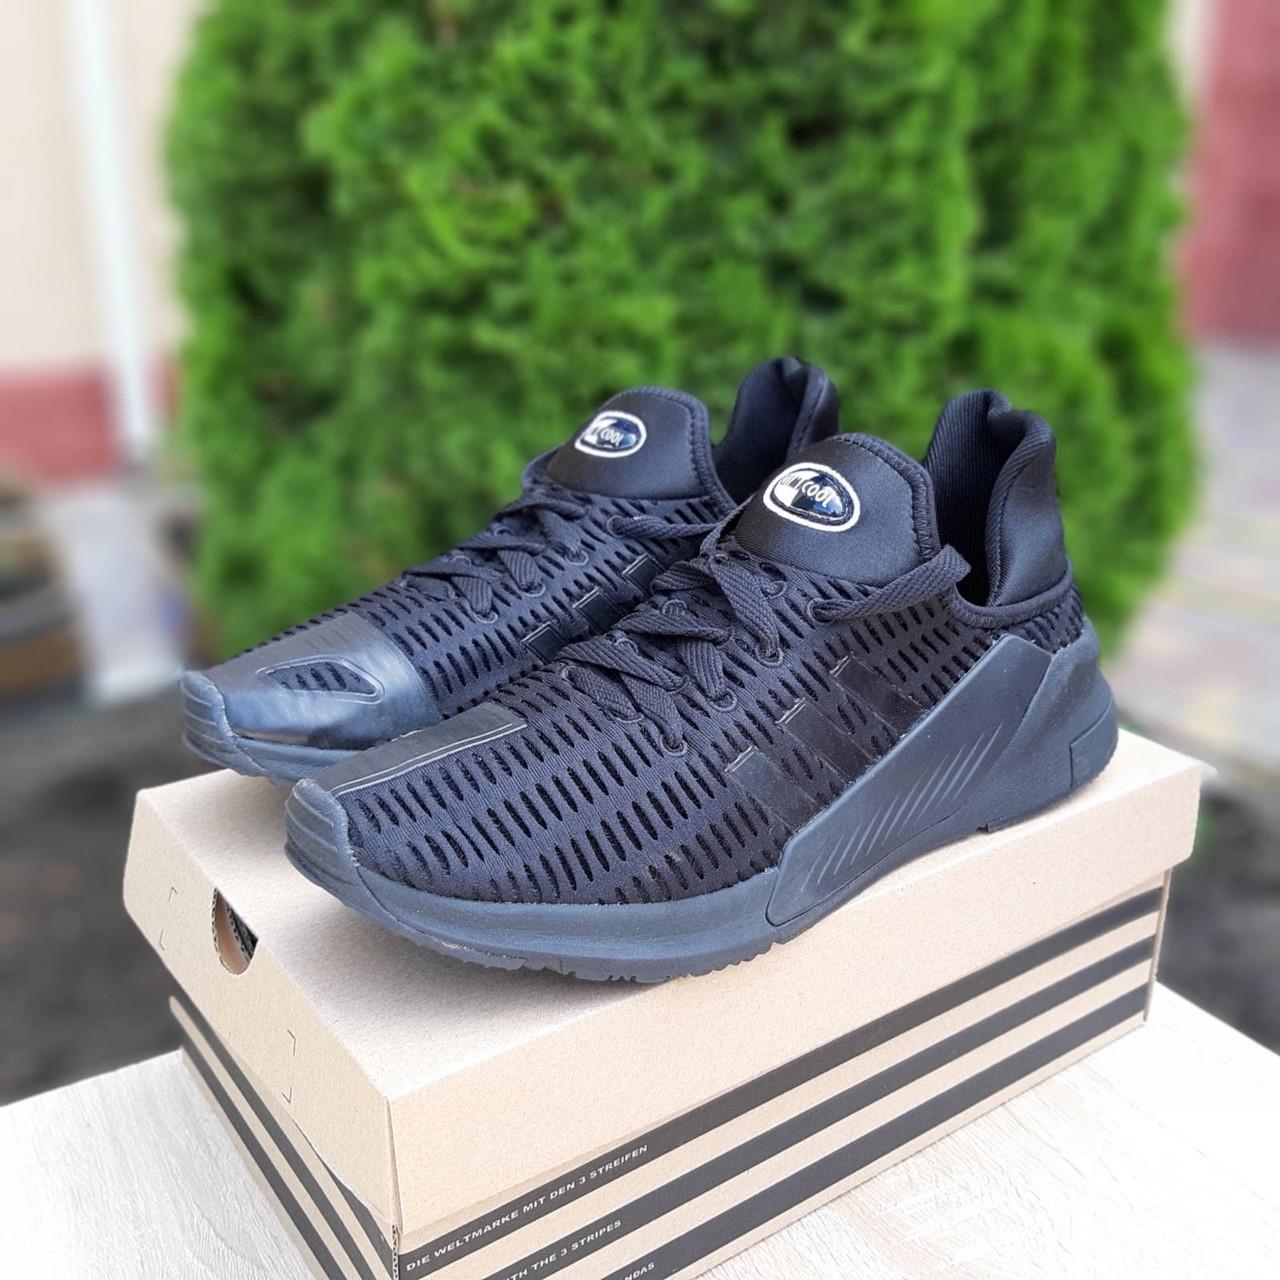 Кроссовки распродажа АКЦИЯ 550 грн Adidas Climacool 44й(27,5см) последние размеры люкс копия